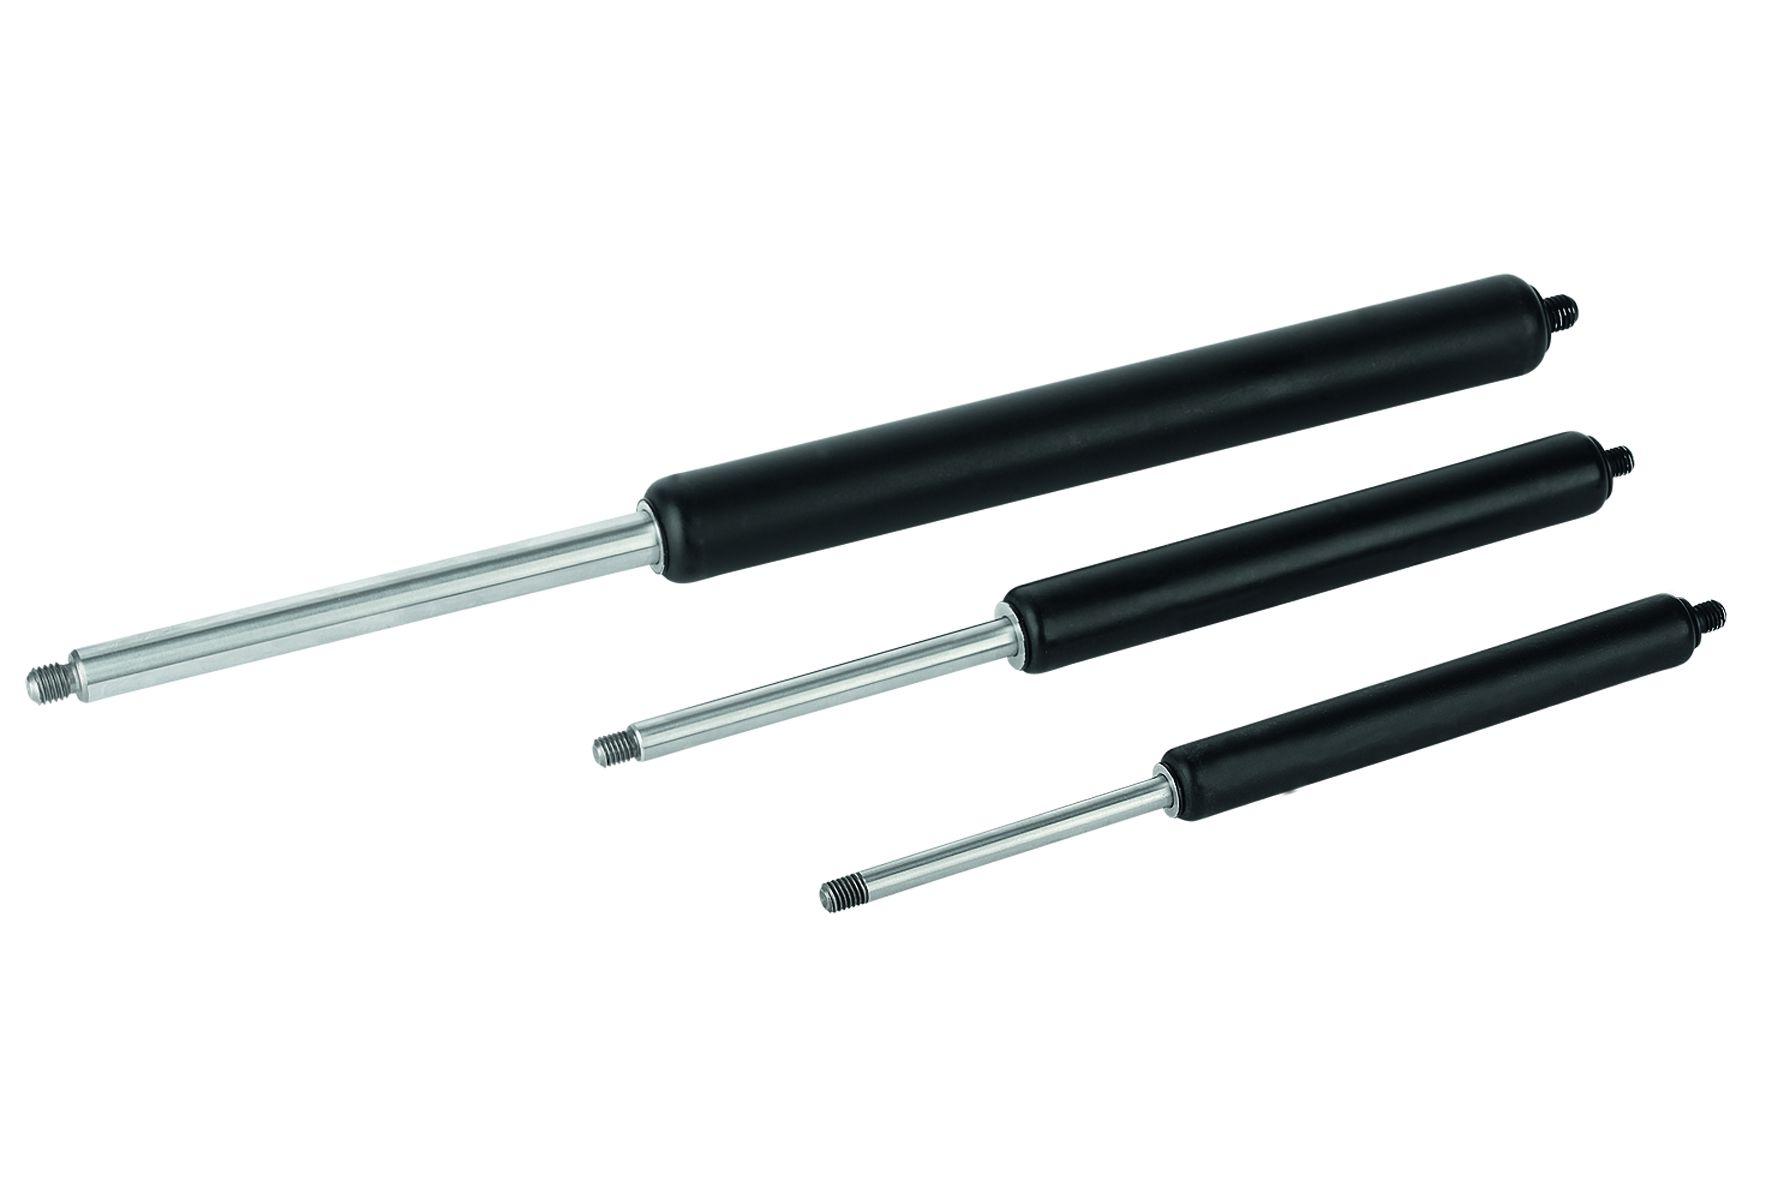 Werkstoff: Kolbenstange, Druckrohr Stahl. Füllmedium: Öl, Stickstoff. Ausführung: Kolbenstange hartverchromt. Bei Kolb